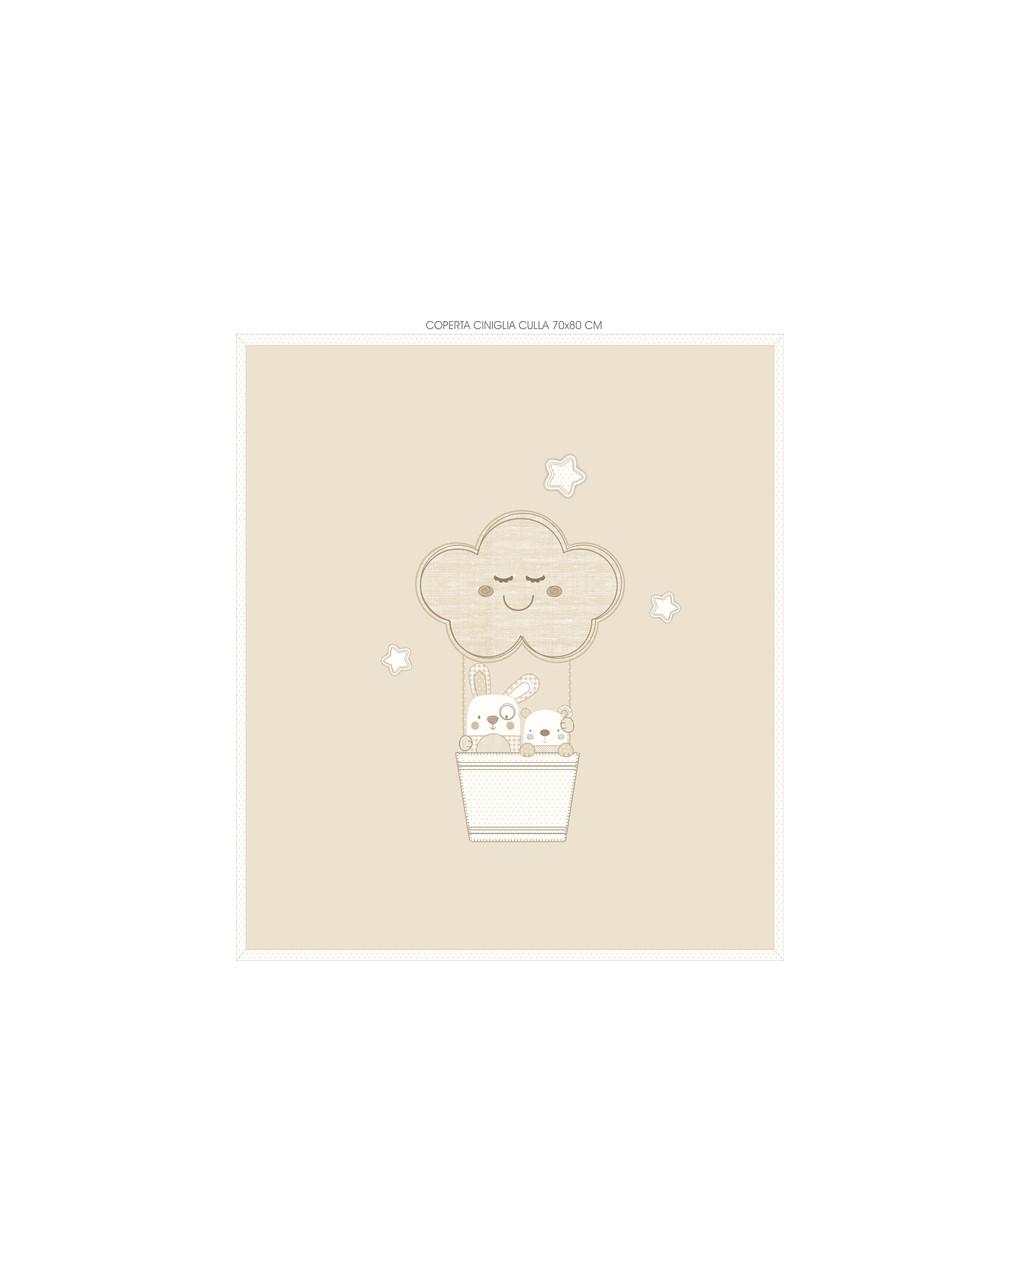 Prenatal Κουβέρτα Σενίλ για Λίκνο/Πορτ Μπεμπε Natural - 70 x 80 cm